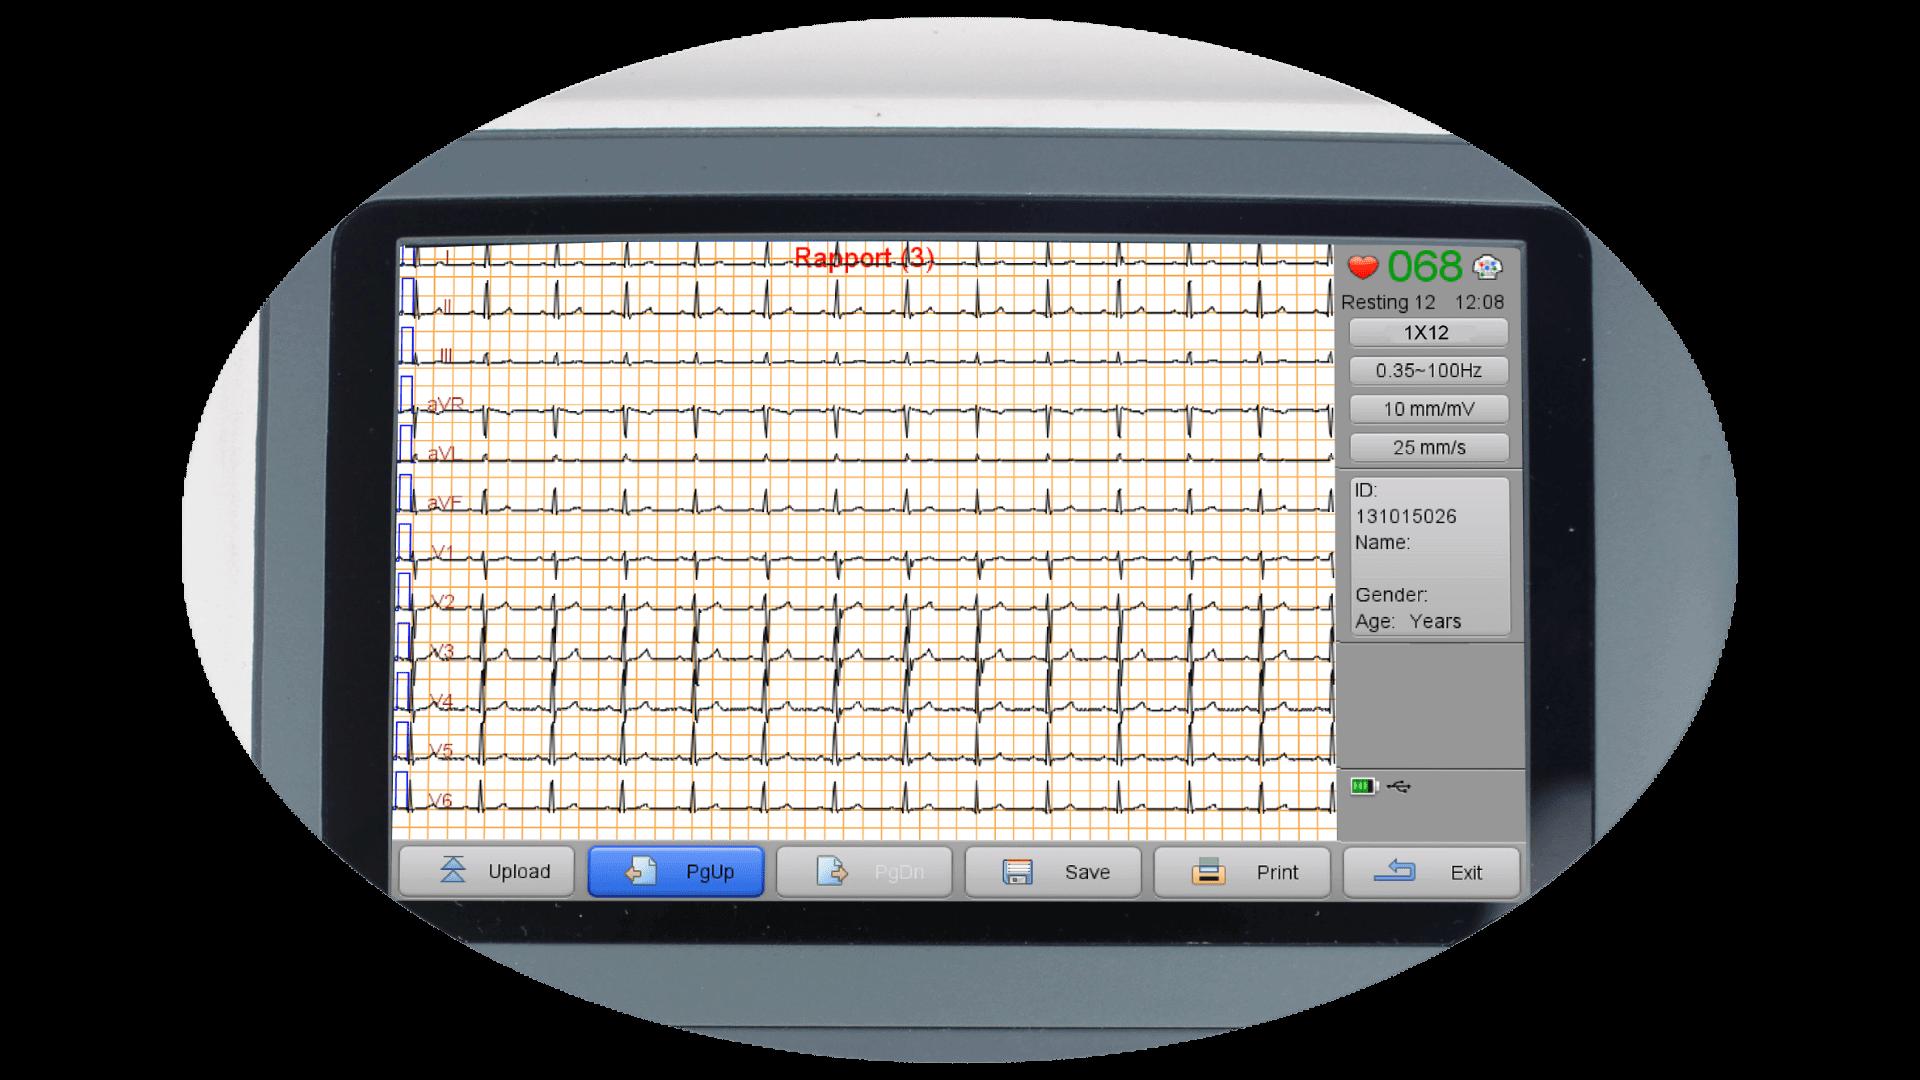 عرض شاشة 12-waveforms لجهاز IE 300 ECG.